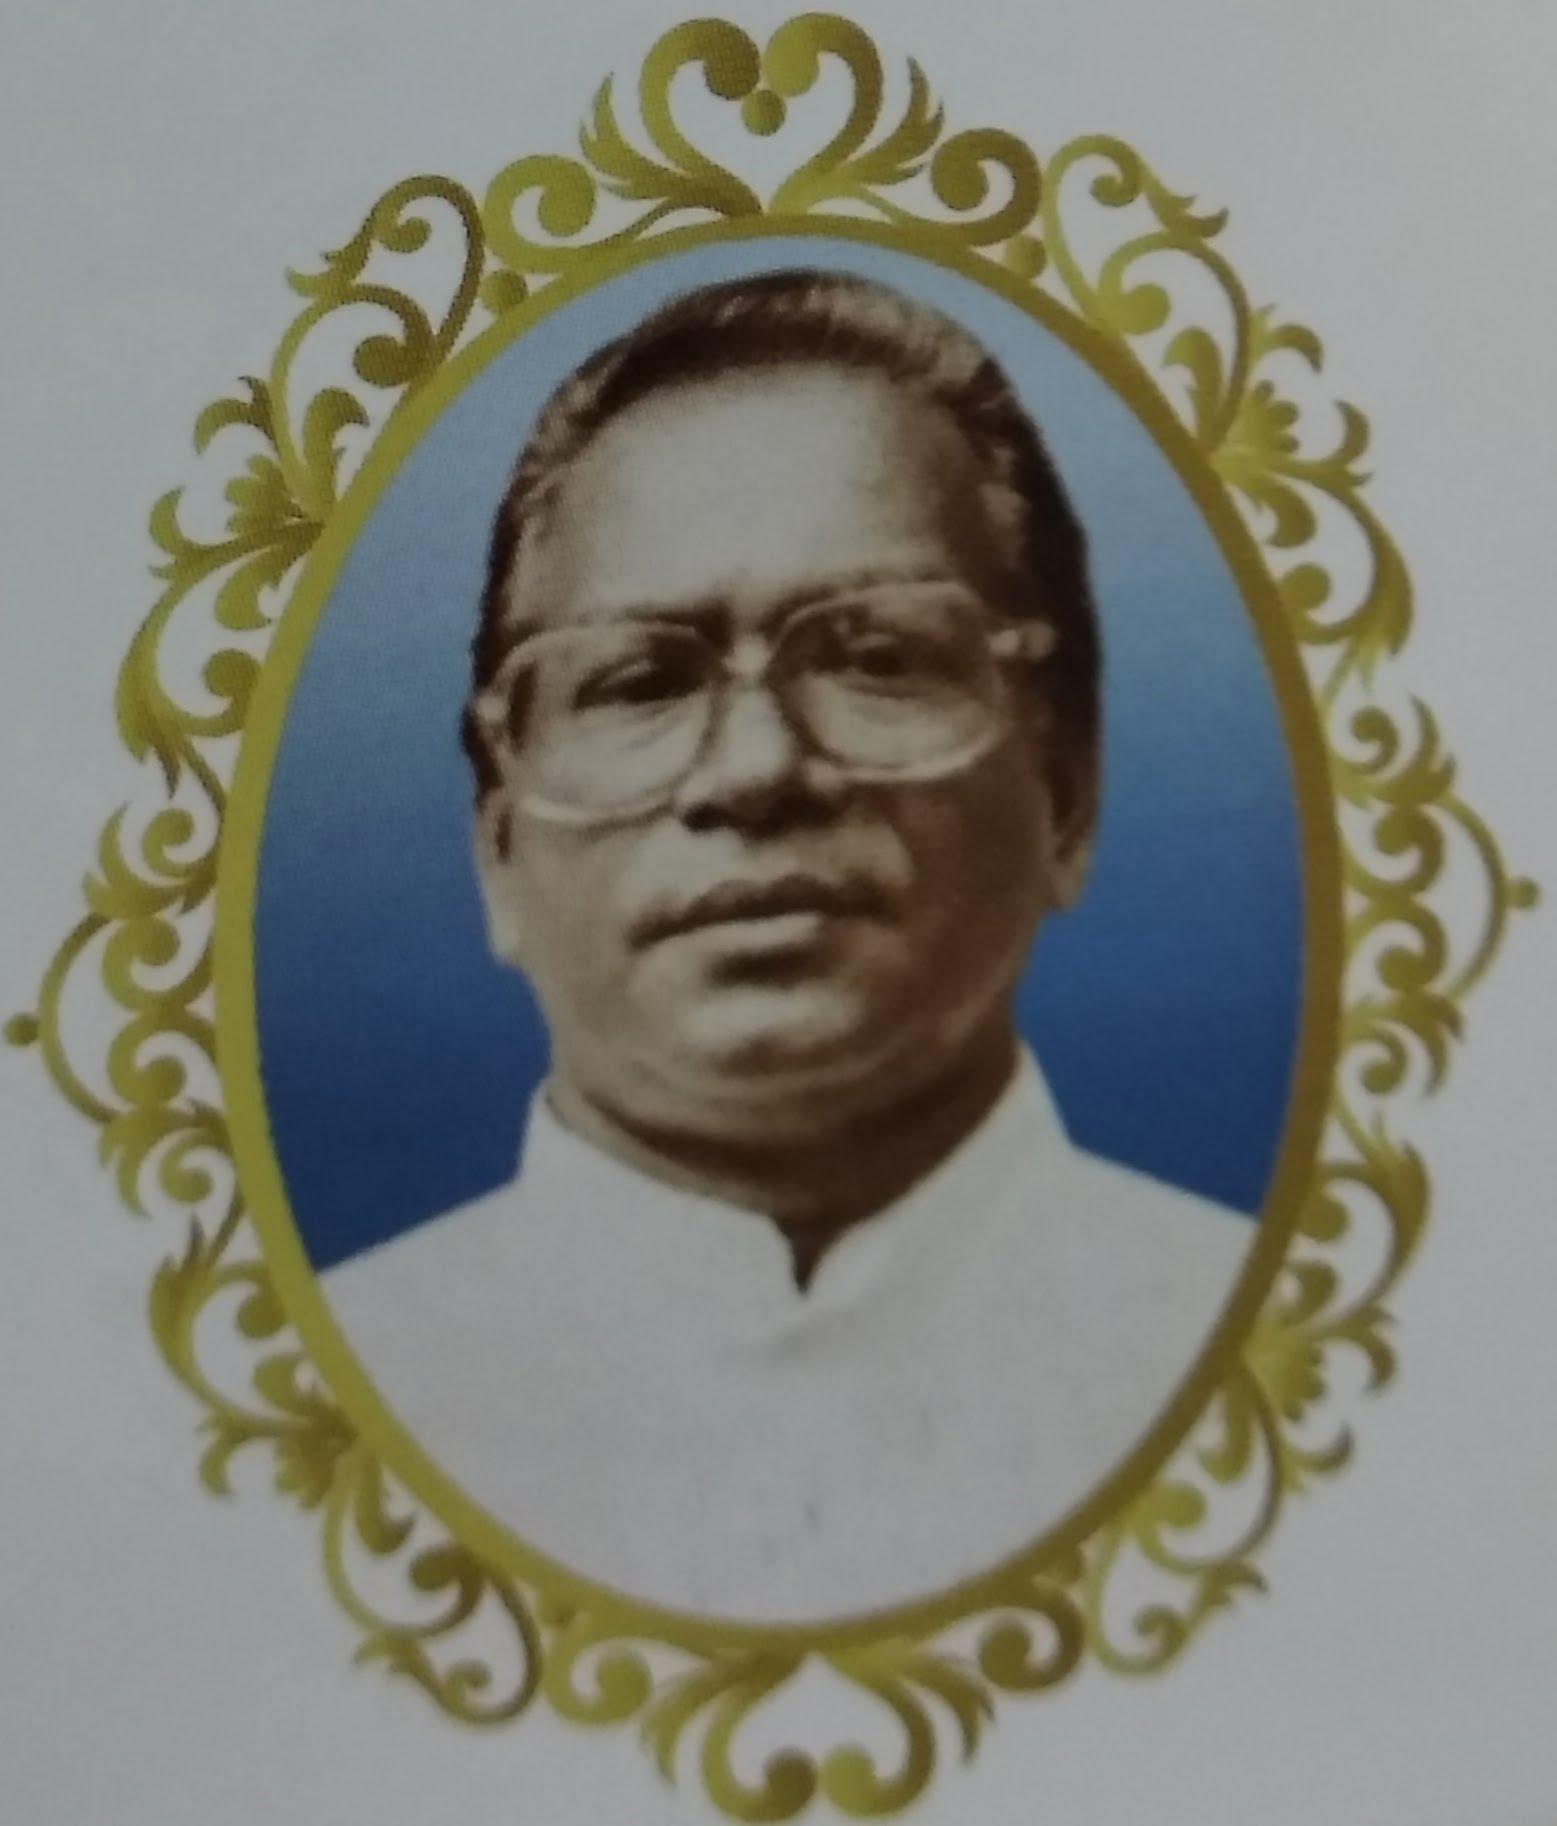 Fr. Rockey Kalathiparambil